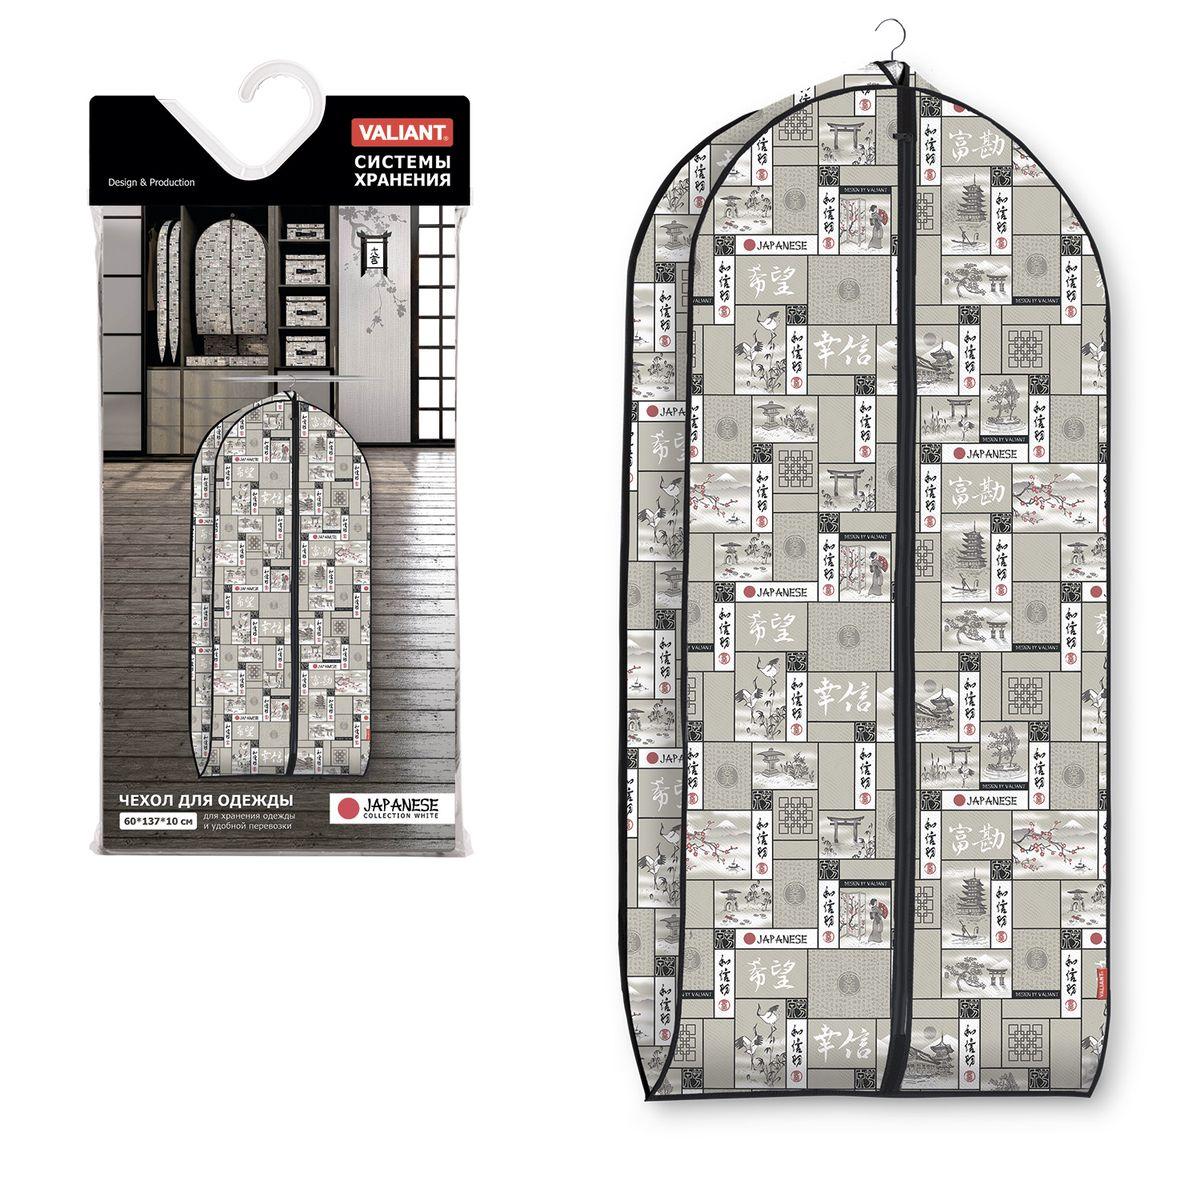 Чехол для одежды Valiant Japanese White, объемный, 60 х 137 х 10 смJW-CV-100Чехол для одежды Valiant Japanese White изготовлен из высококачественного нетканого материала (спанбонда), который обеспечивает естественную вентиляцию, позволяя воздуху проникать внутрь, но не пропускает пыль. Чехол очень удобен в использовании. Наличие боковой вставки увеличивает объем чехла, что позволяет хранить крупные объемные вещи. Чехол легко открывается и закрывается застежкой-молнией. Идеально подойдет для хранения одежды и удобной перевозки.